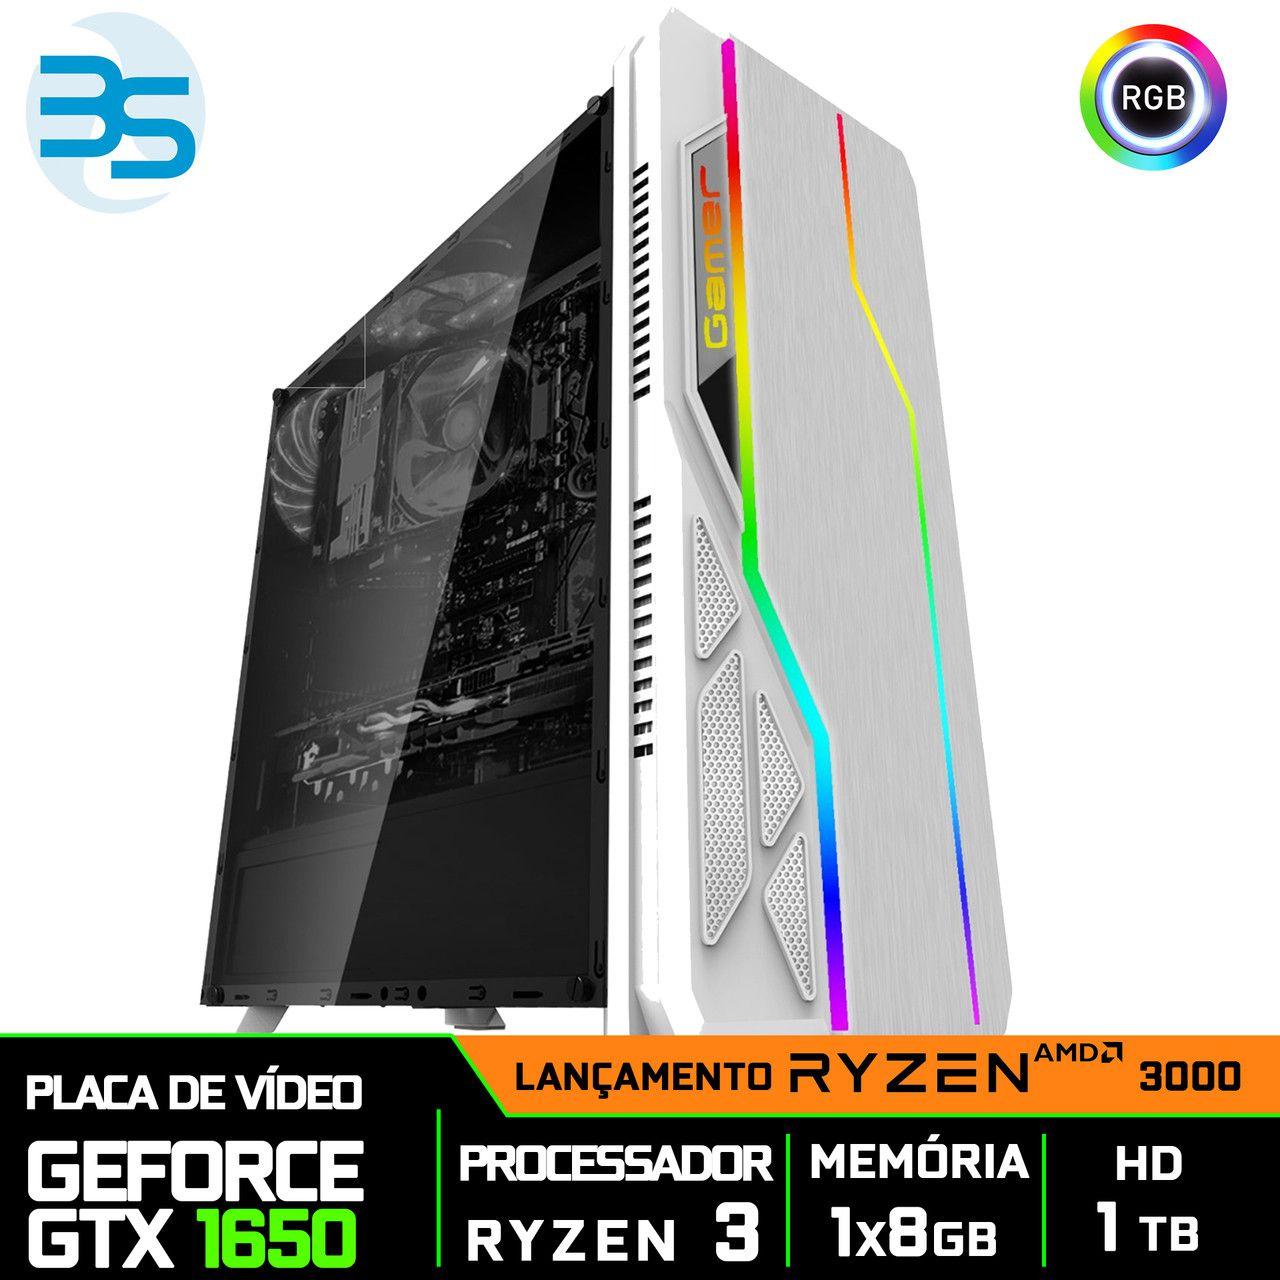 Computador Gamer Ryzen 3 3200G, Nvidia GTX 1650 4GB, 8GB DDR4, HD 1TB, 500W